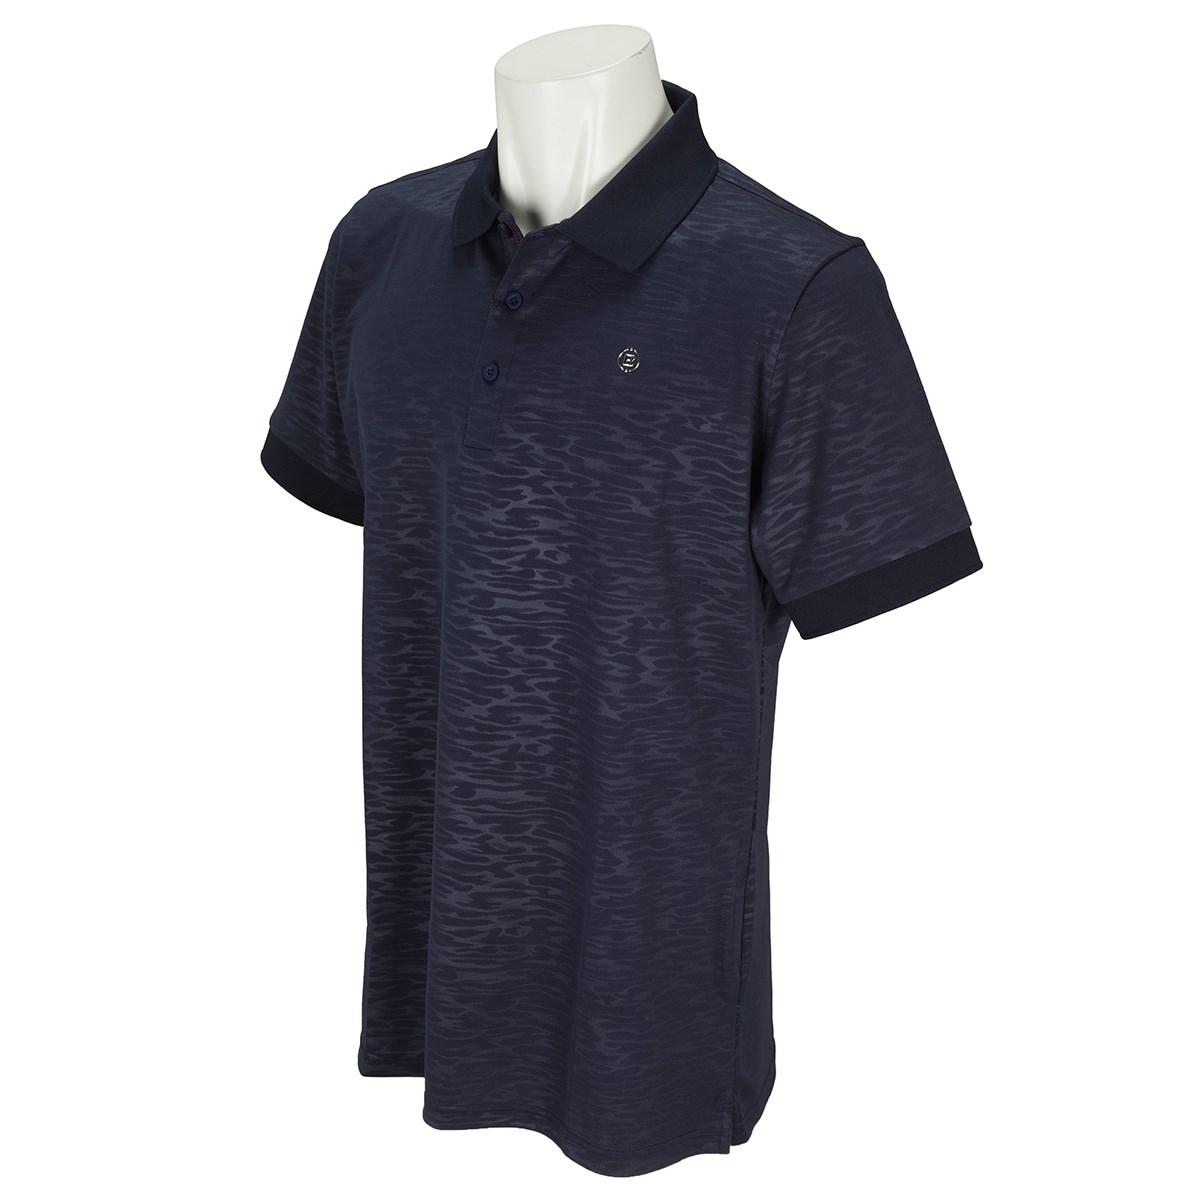 ブリーフィング CAMO EMBOSSED 半袖ポロシャツ 2